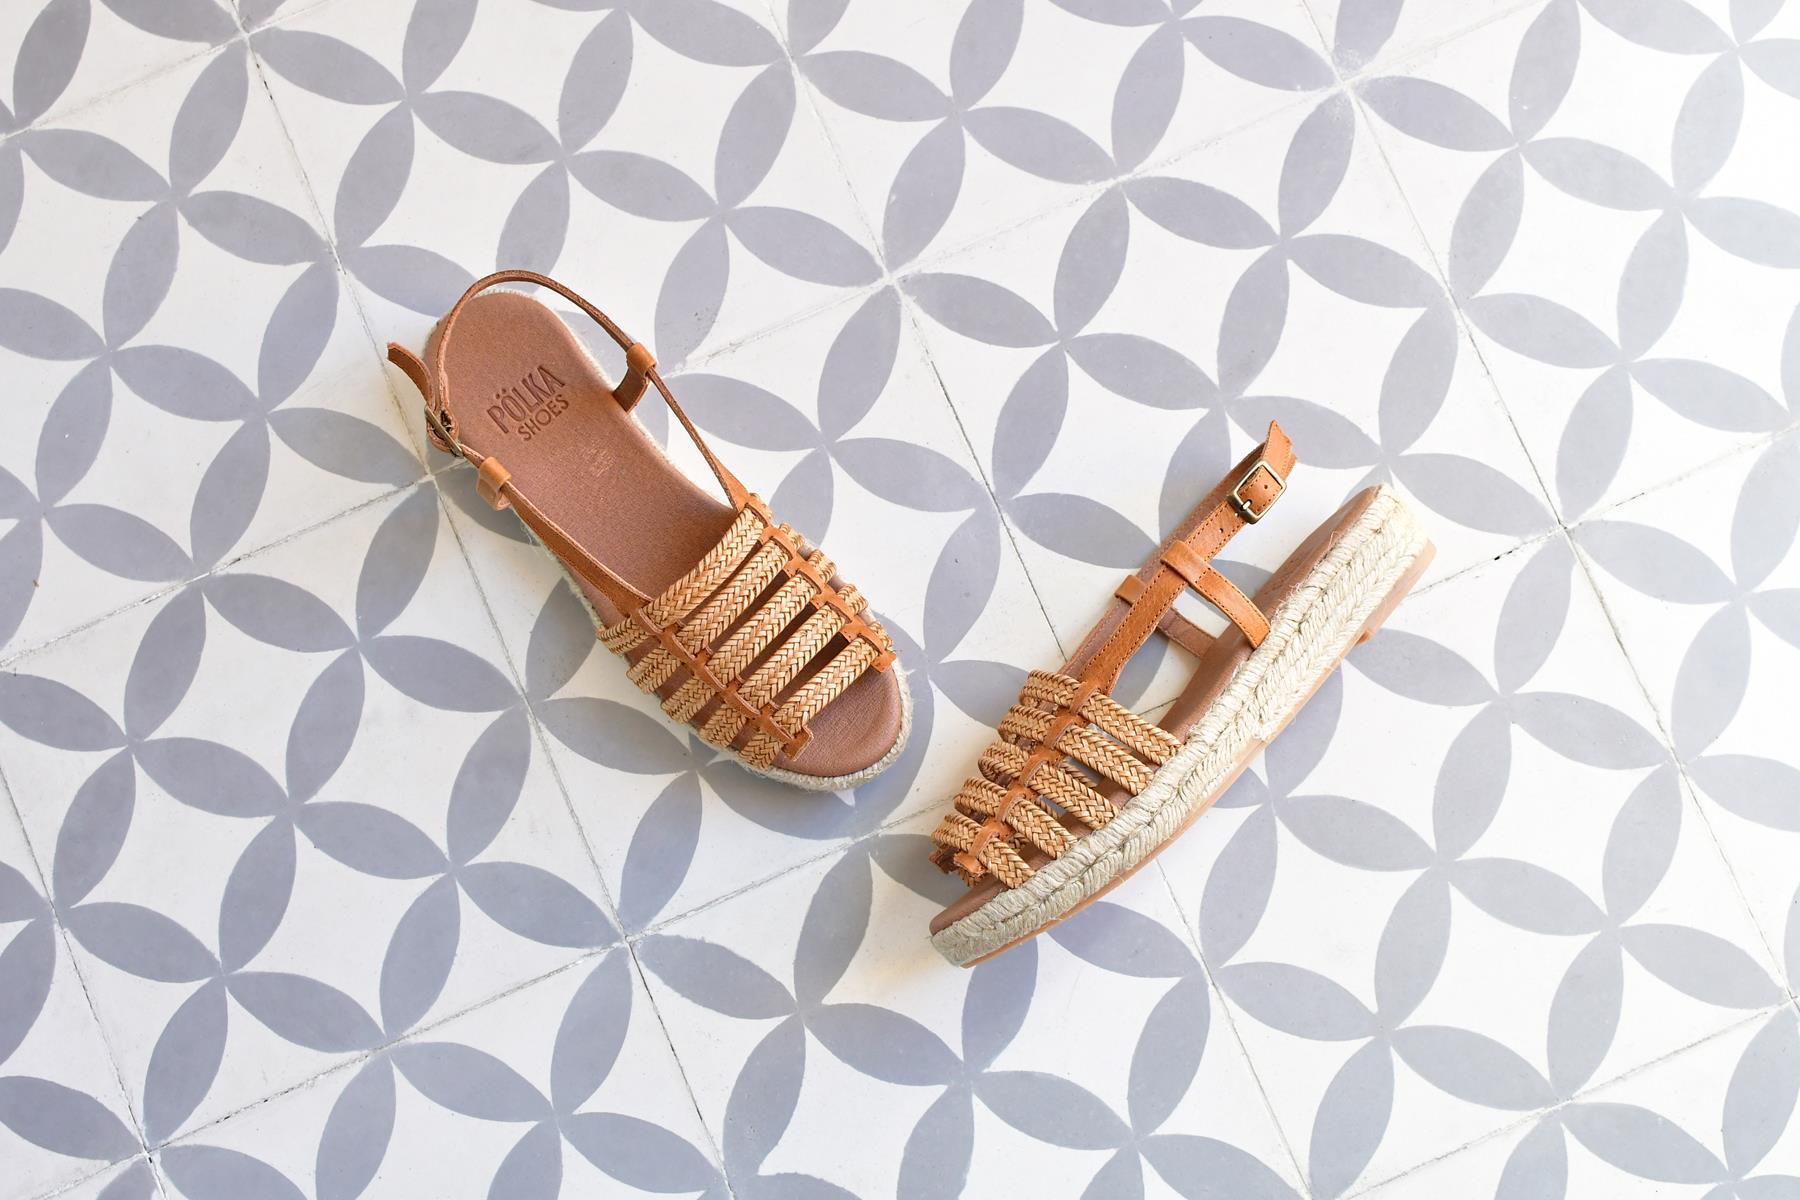 Sandalia Romana Yute Pölka Shoes Juno Cuero 860P_AmorShoes-Polka-Sandalia-Romana-rafia-trenzado-color-cuero-piel-suela-esparto-yute-cierre-hebilla-860p